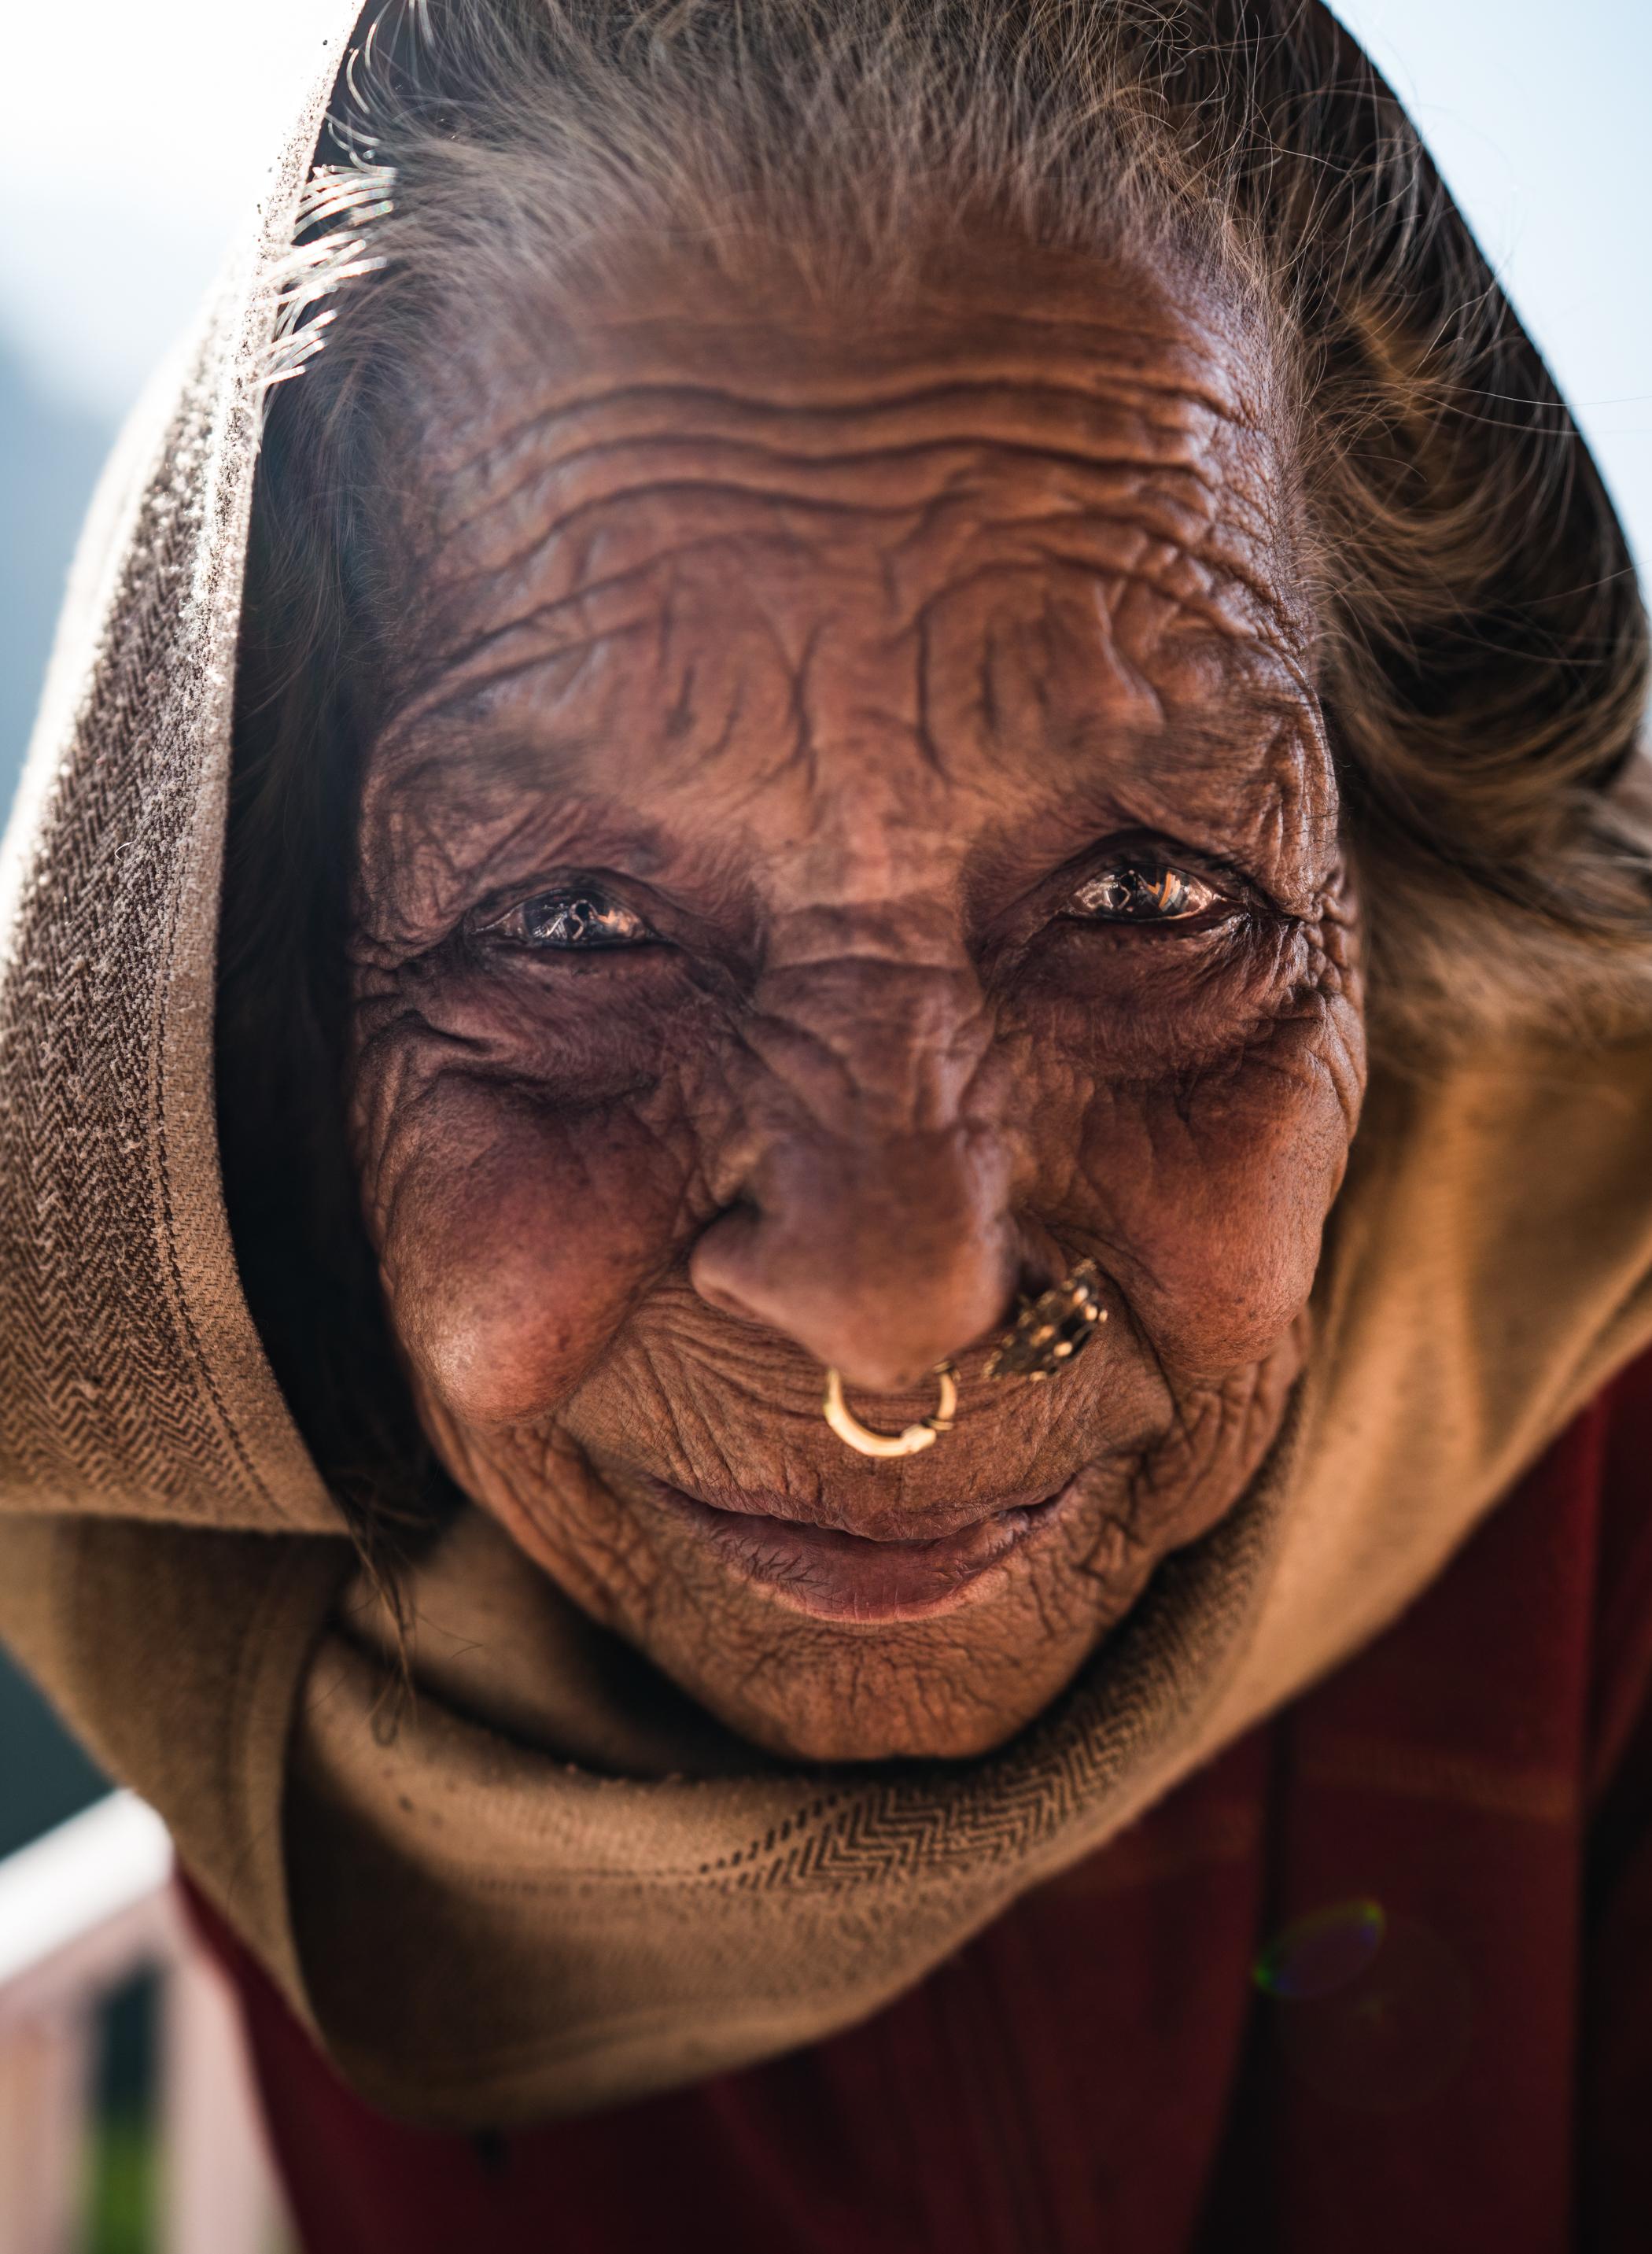 Nepal+Old+woman-1-2.jpg